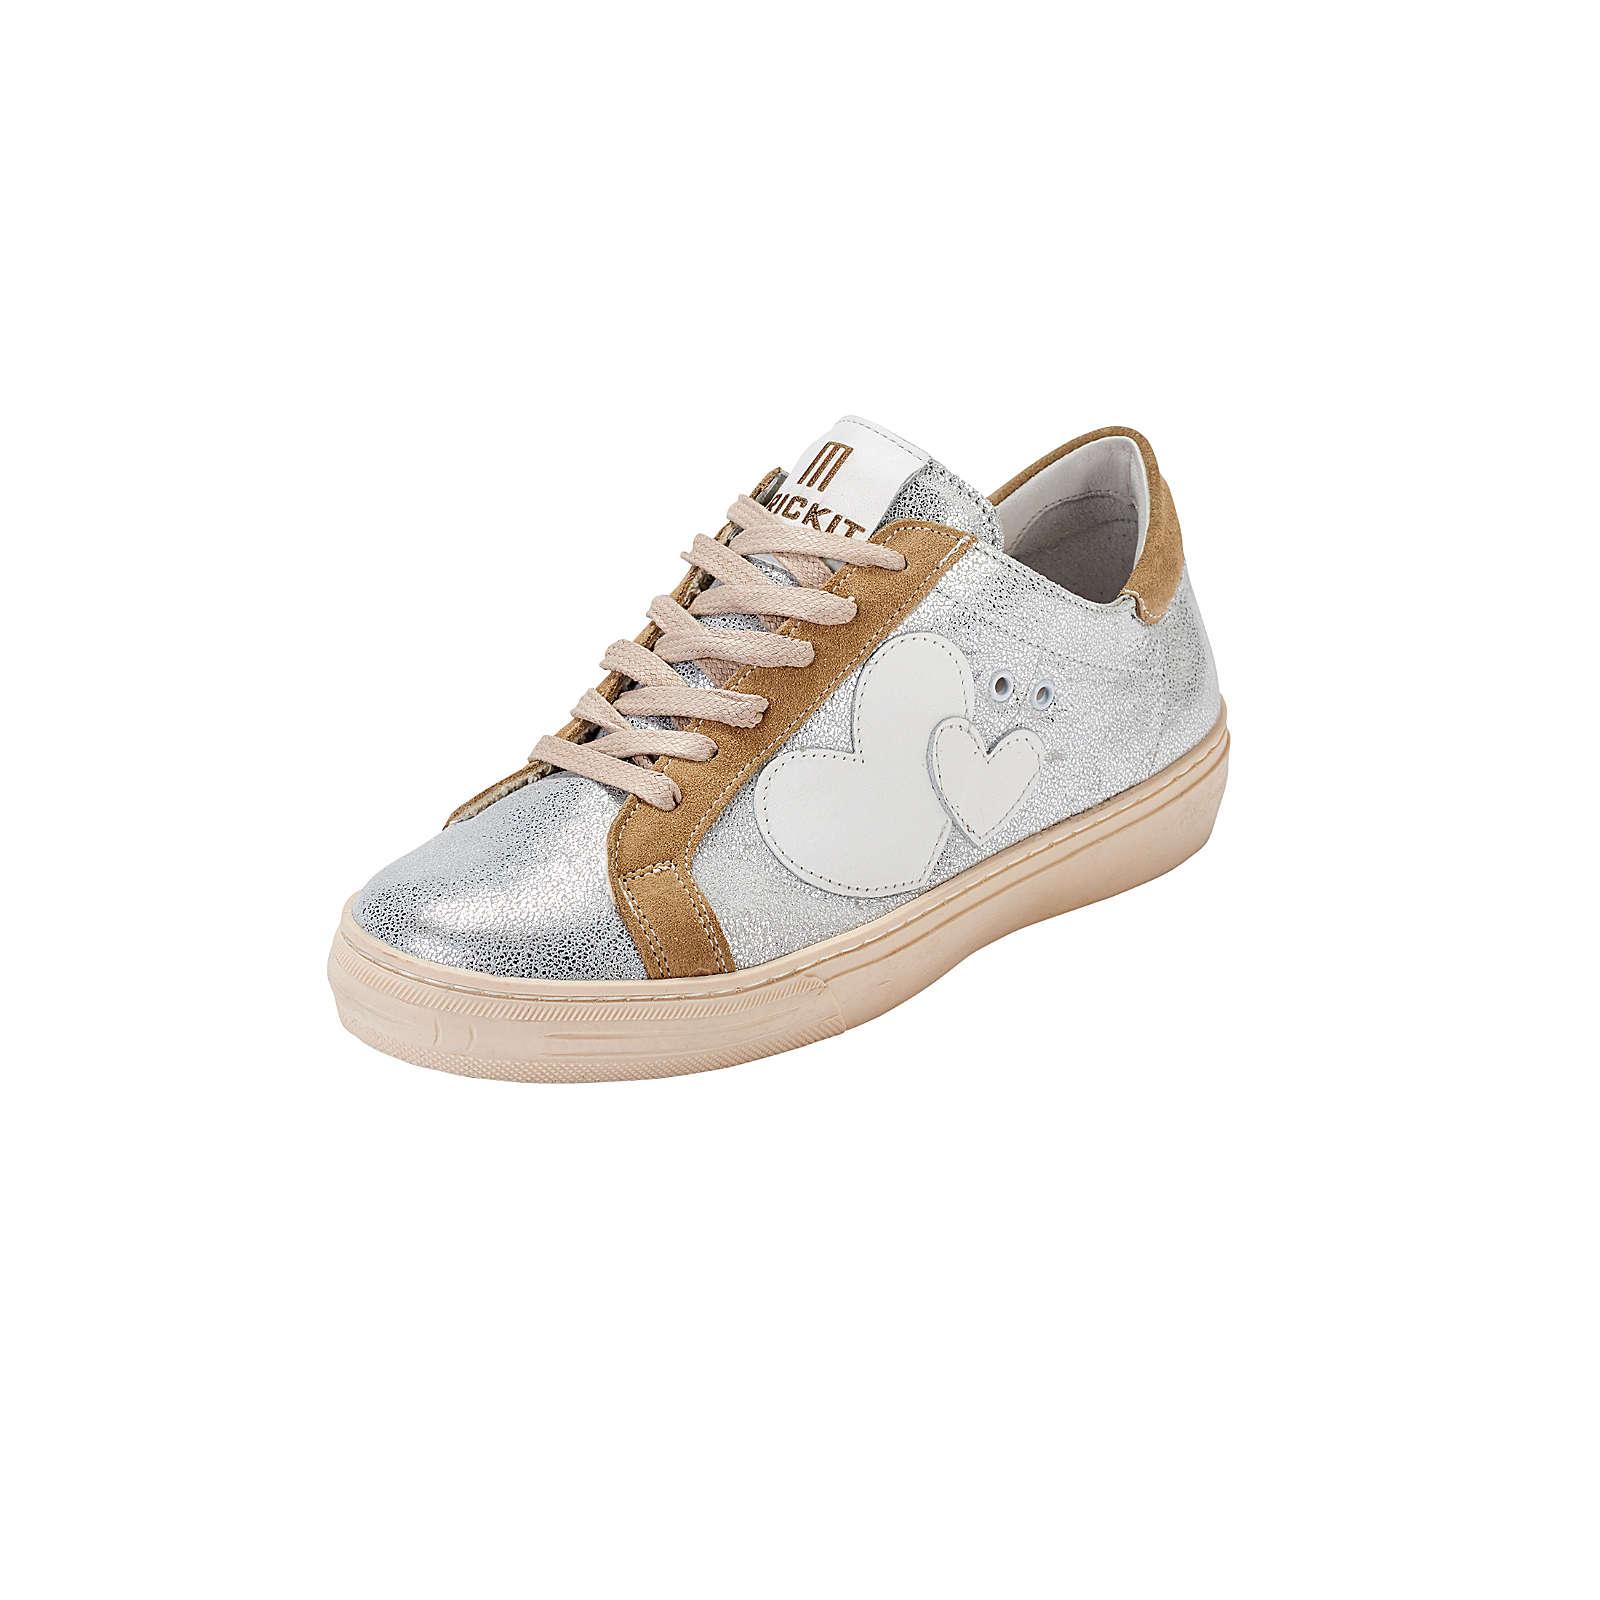 CRICKIT Sneaker LEXIE Sneakers Low silber Damen Gr. 36